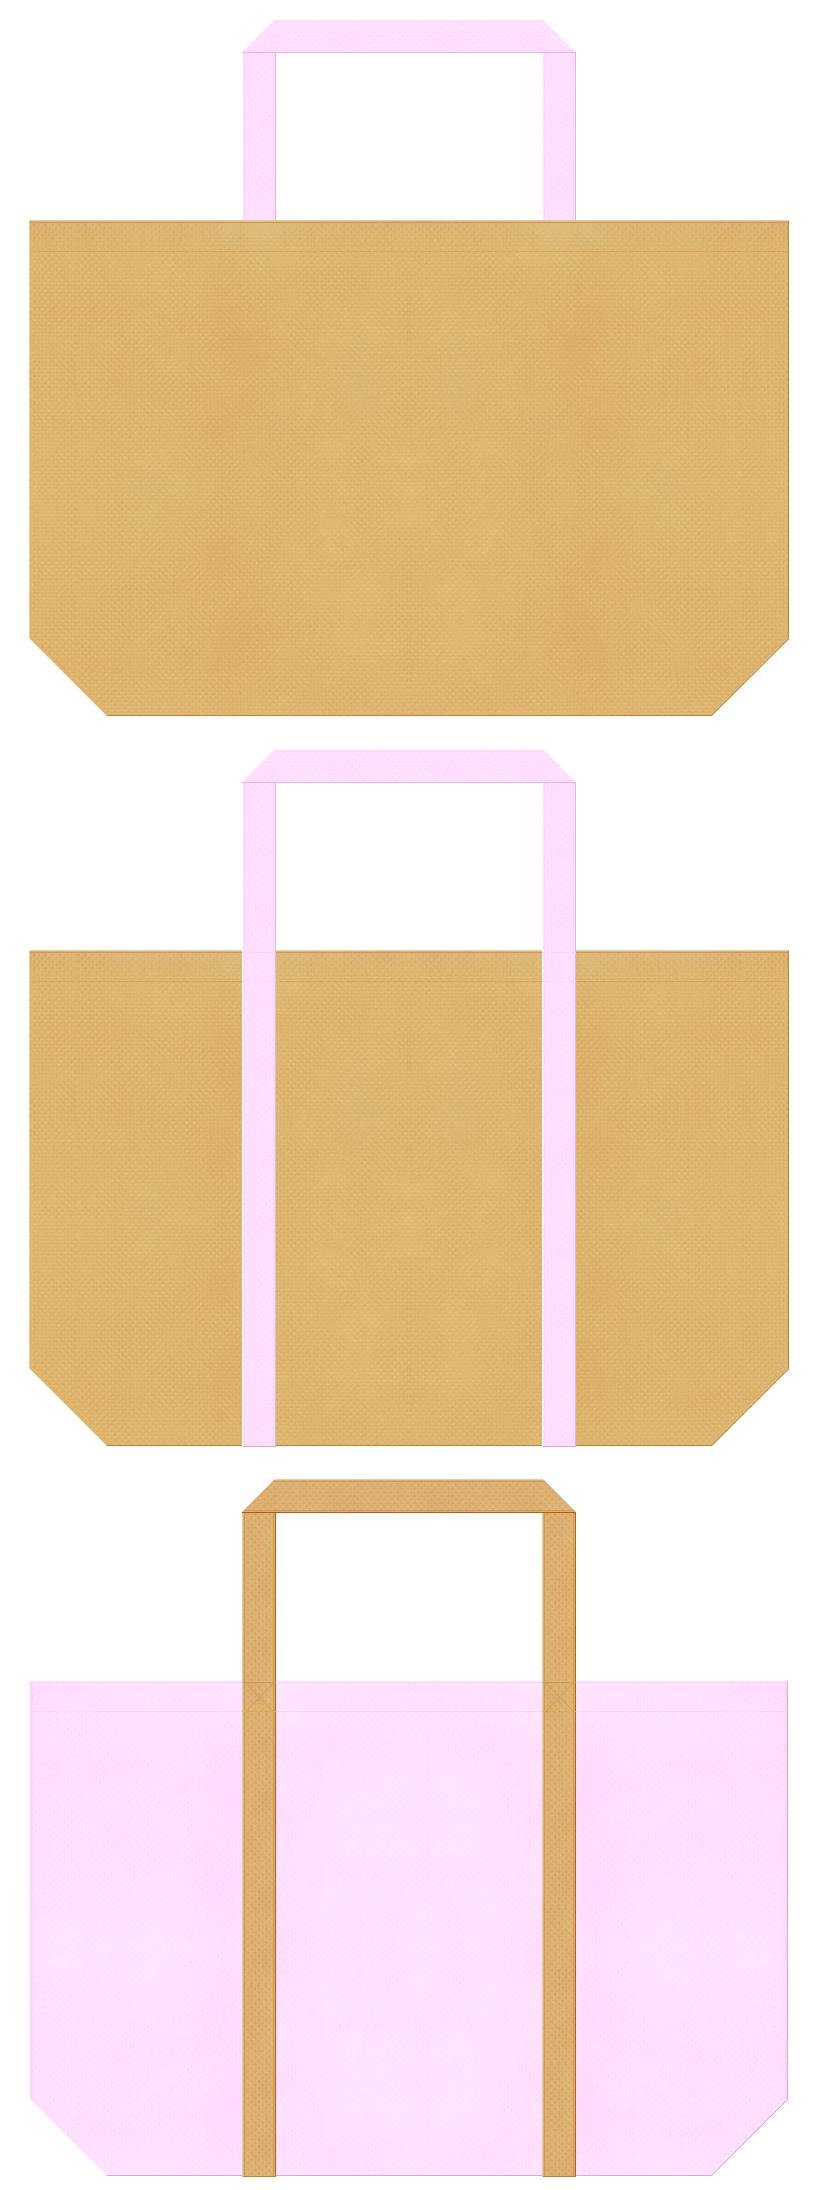 薄黄土色と明るいピンク色の不織布バッグデザイン。ペットショップ・動物病院のノベルティにお奨めです。